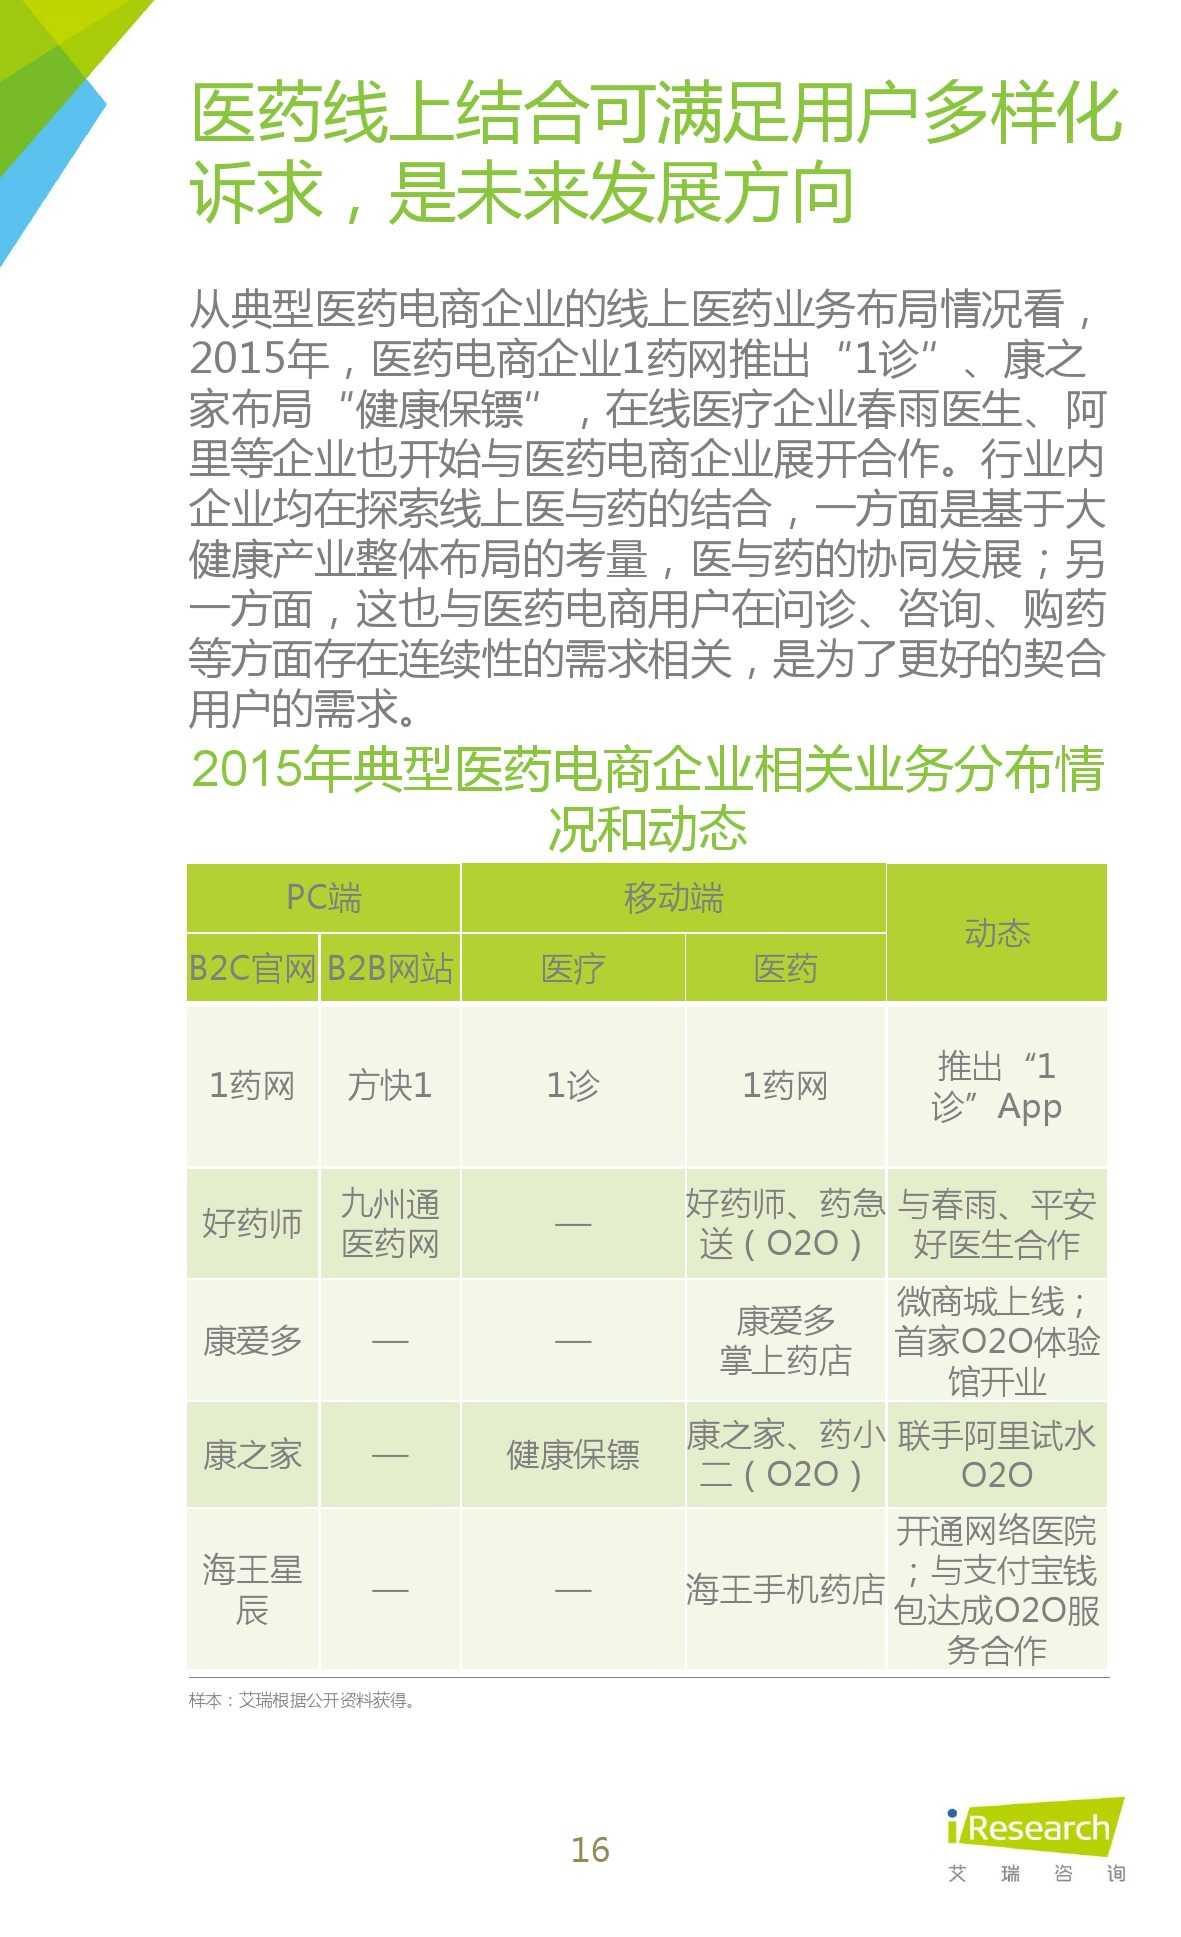 2015年中国医药电商用户行为研究报告_000016